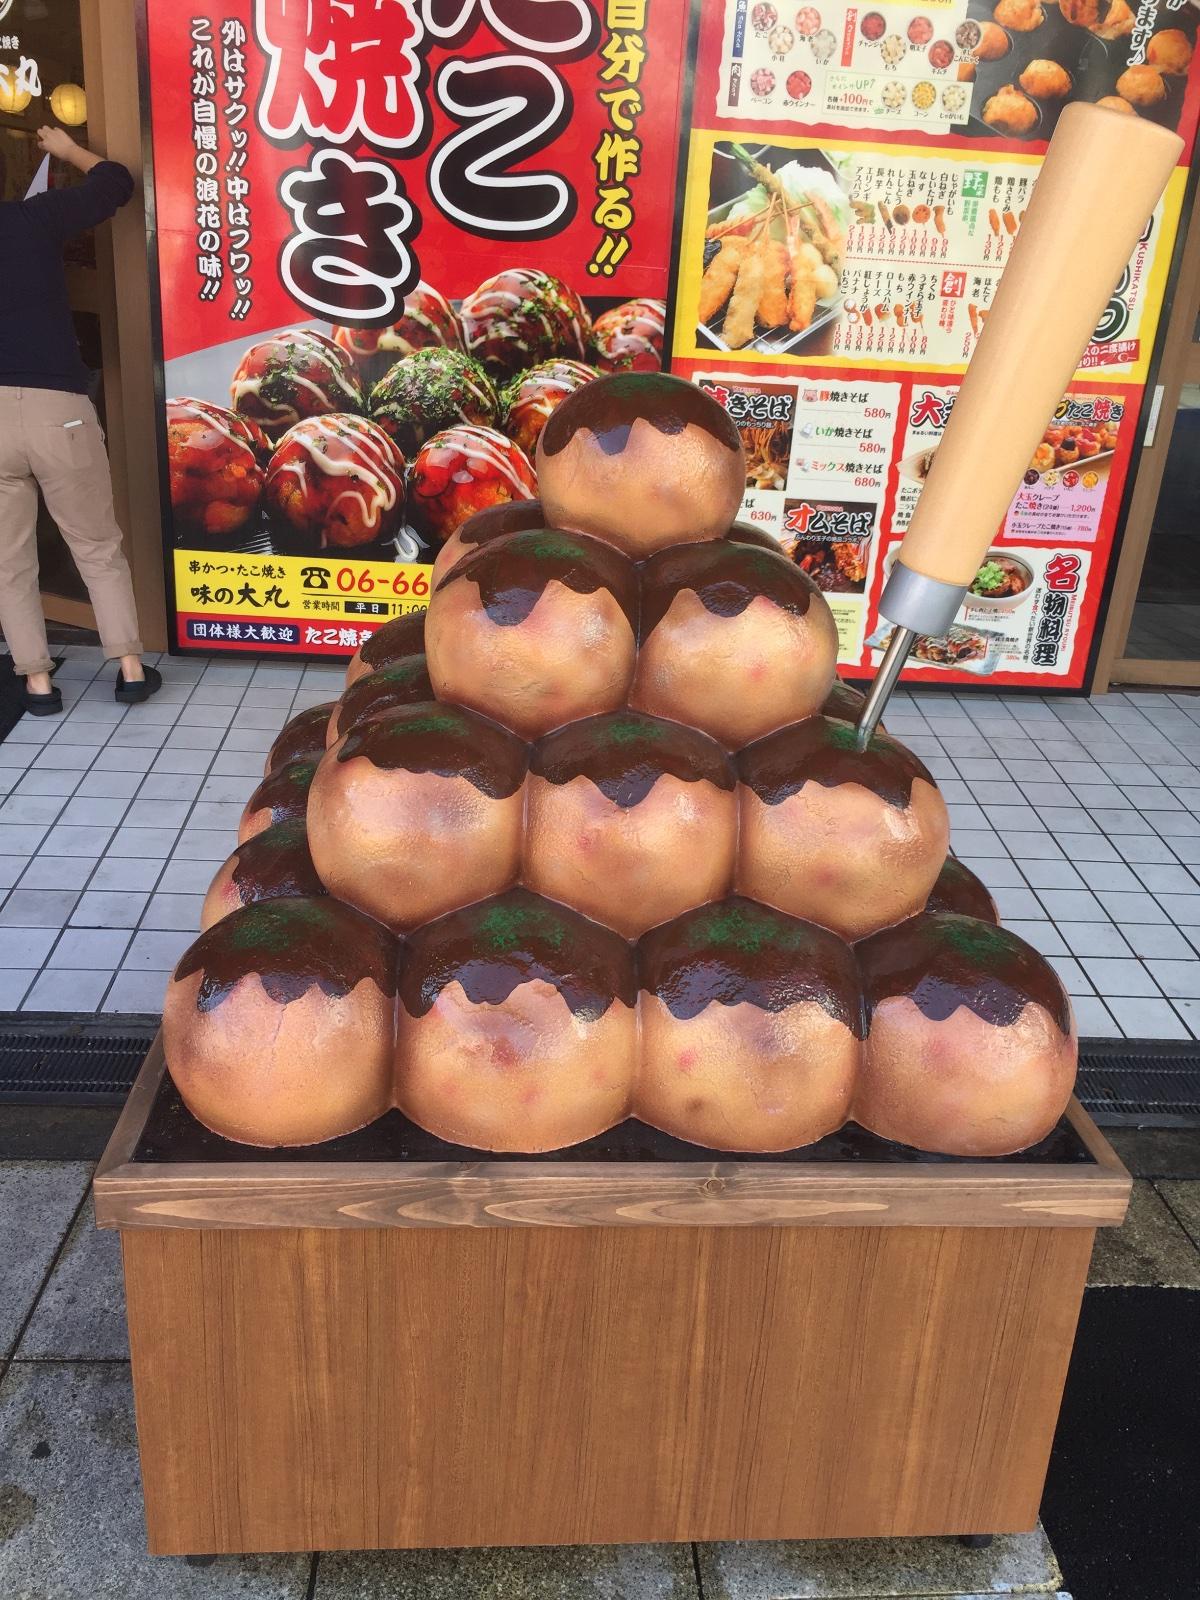 串カツと自分で焼くタコ焼き新世界味の大丸タコ焼き